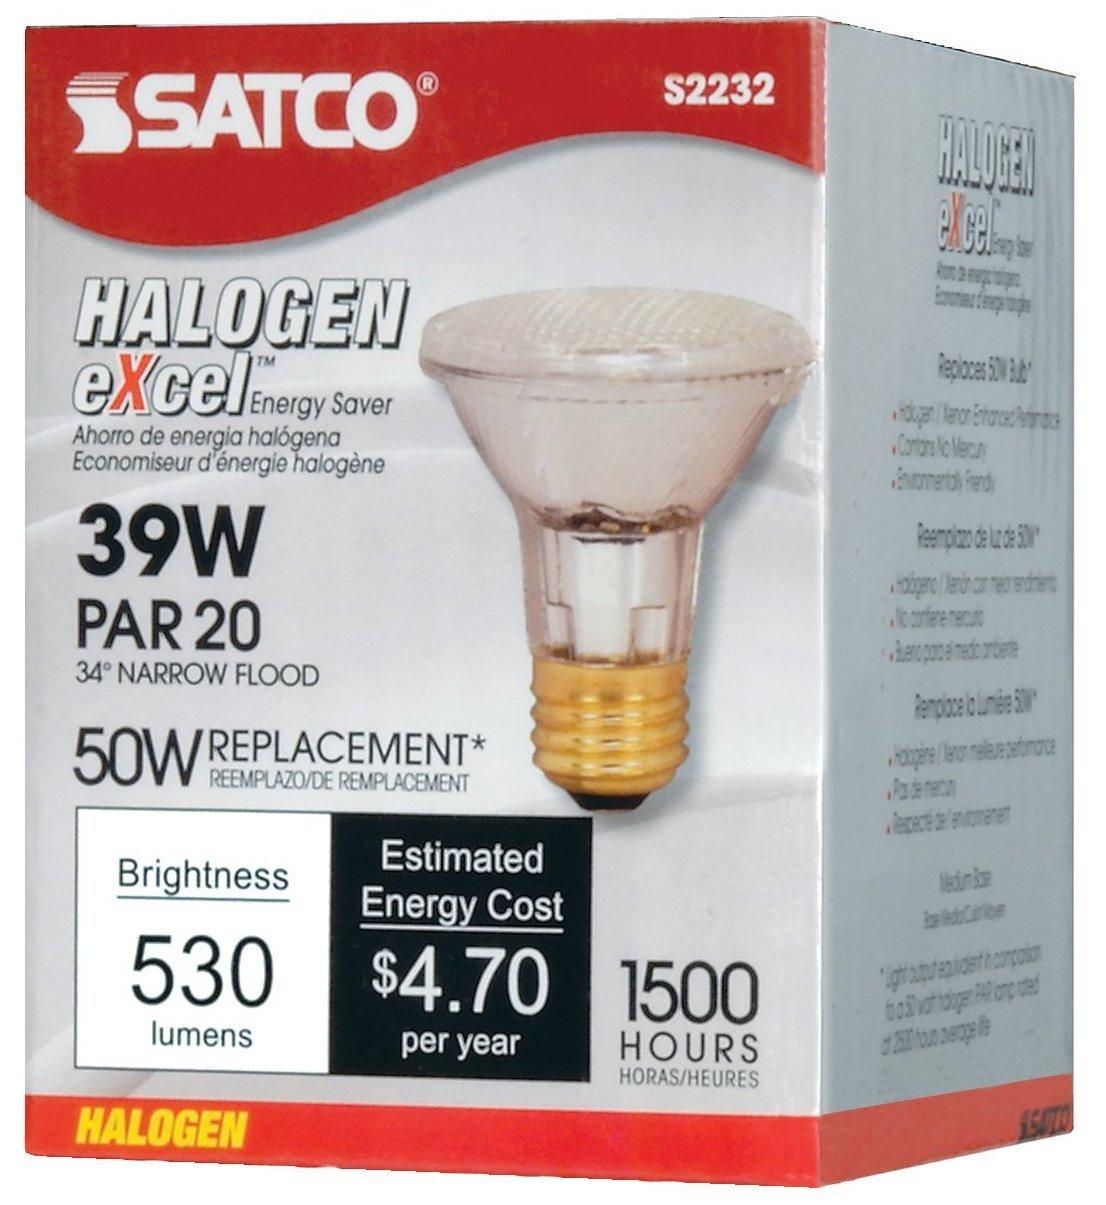 50 Watt 530 Lumens PAR20 Halogen Narrow Flood 34 Degrees Clear Light Bulb Satco 39 Watt Dimmable -34/° Beam // 120V-2 Pack